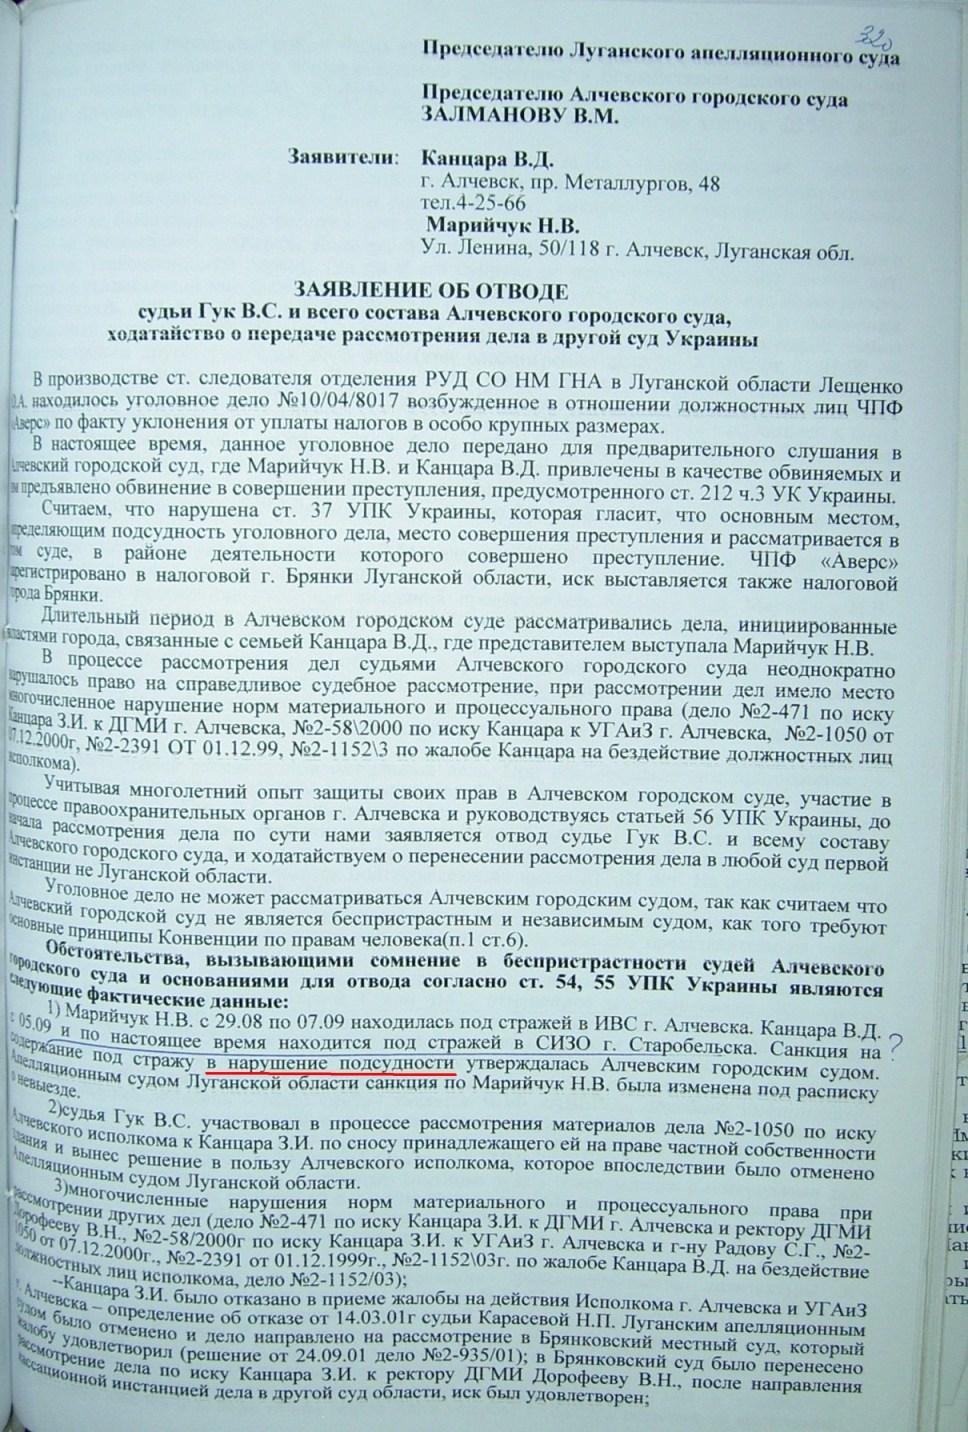 отвод судье о апк рф удовлетворен дженерики Виагры